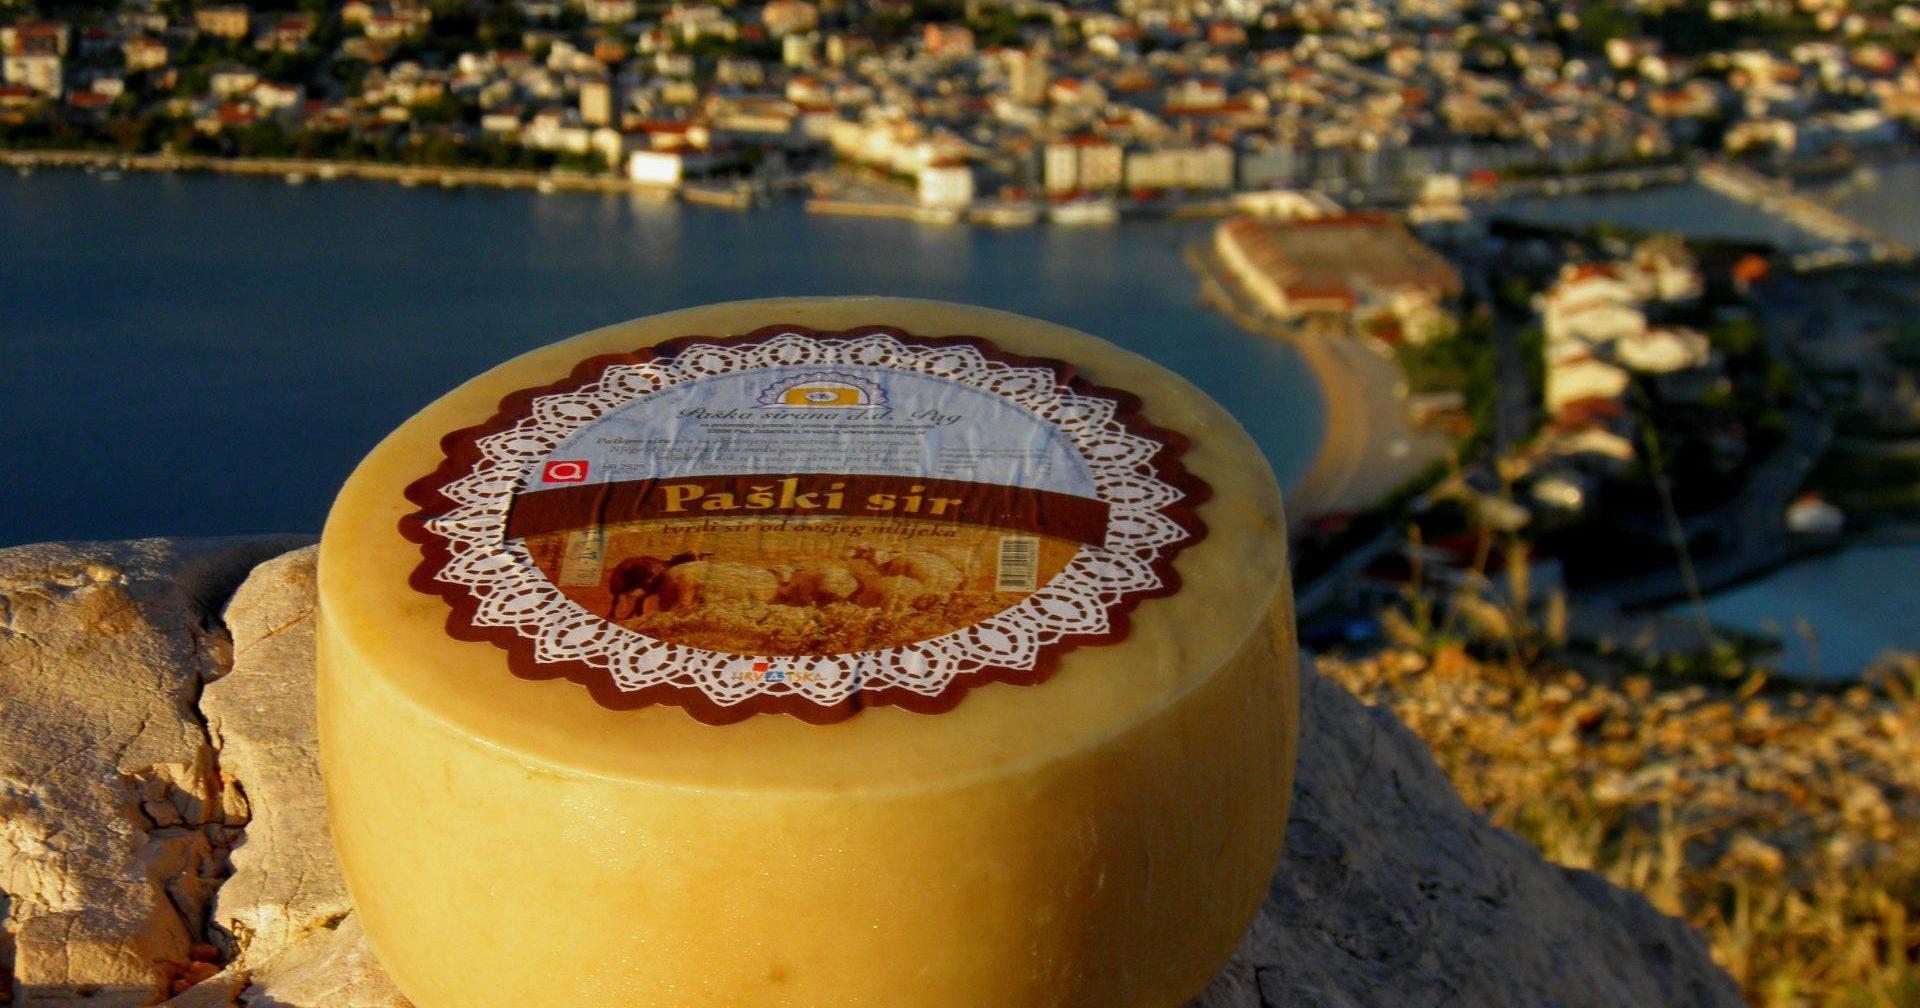 Dvije zlatne medalje za Pašku siranu na Global Cheese Awardsu u Engleskoj